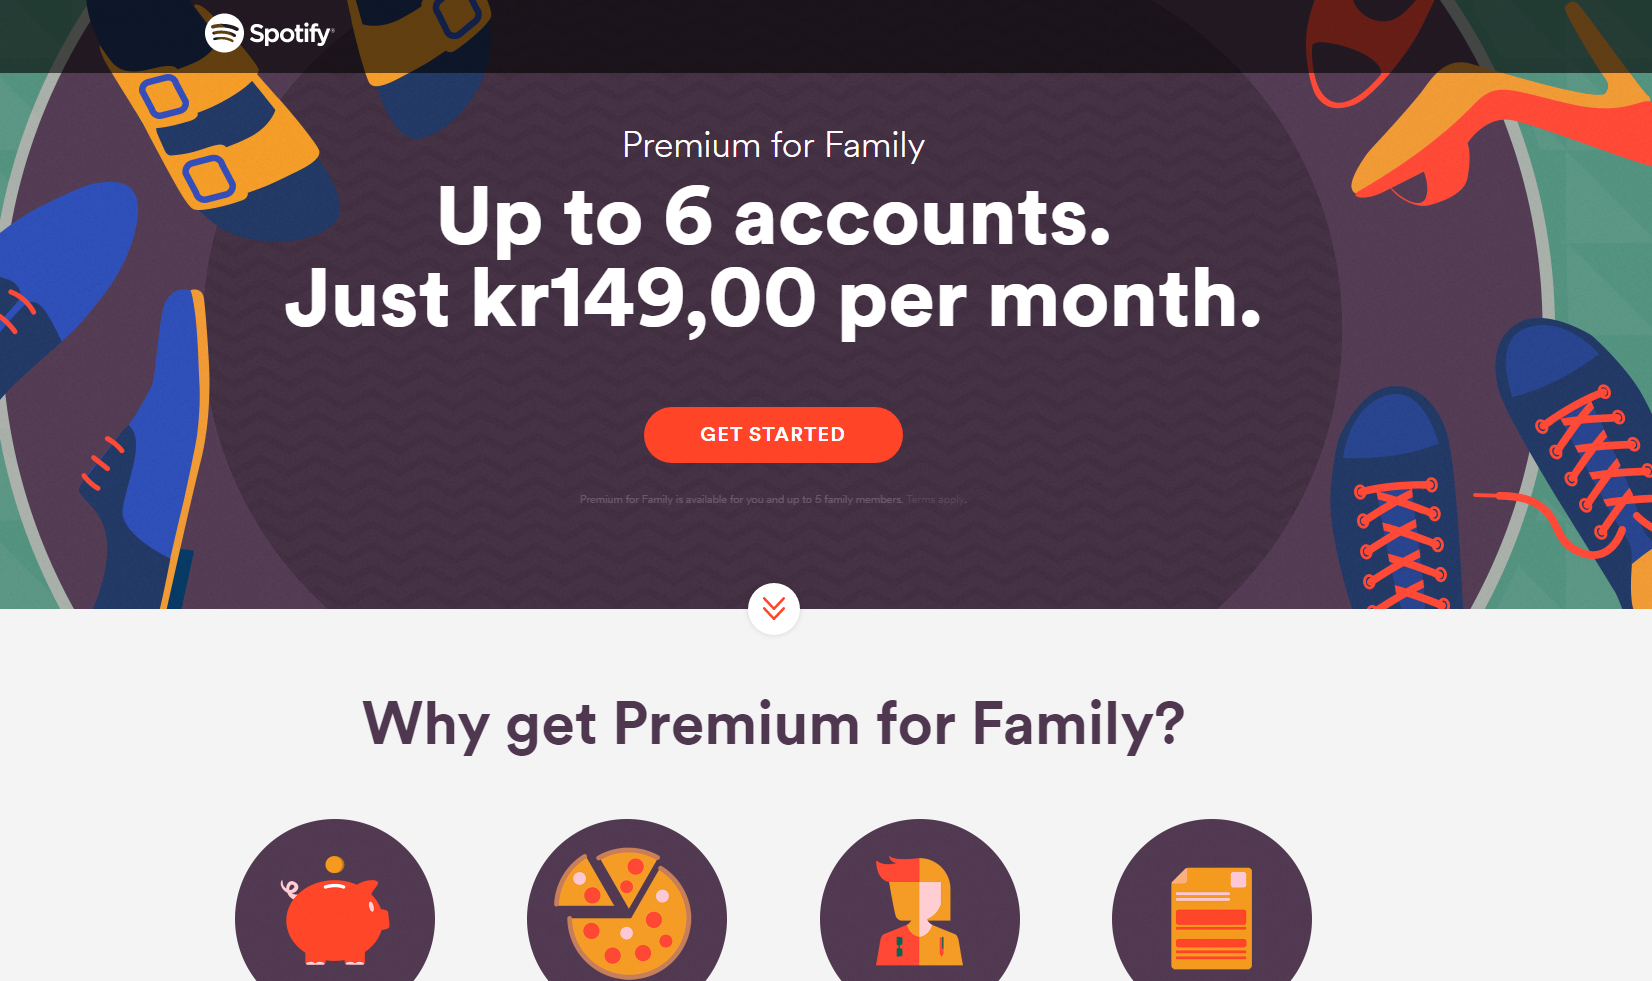 Spotify utvider familiepakken til seks brukere for 149 kroner per måned.